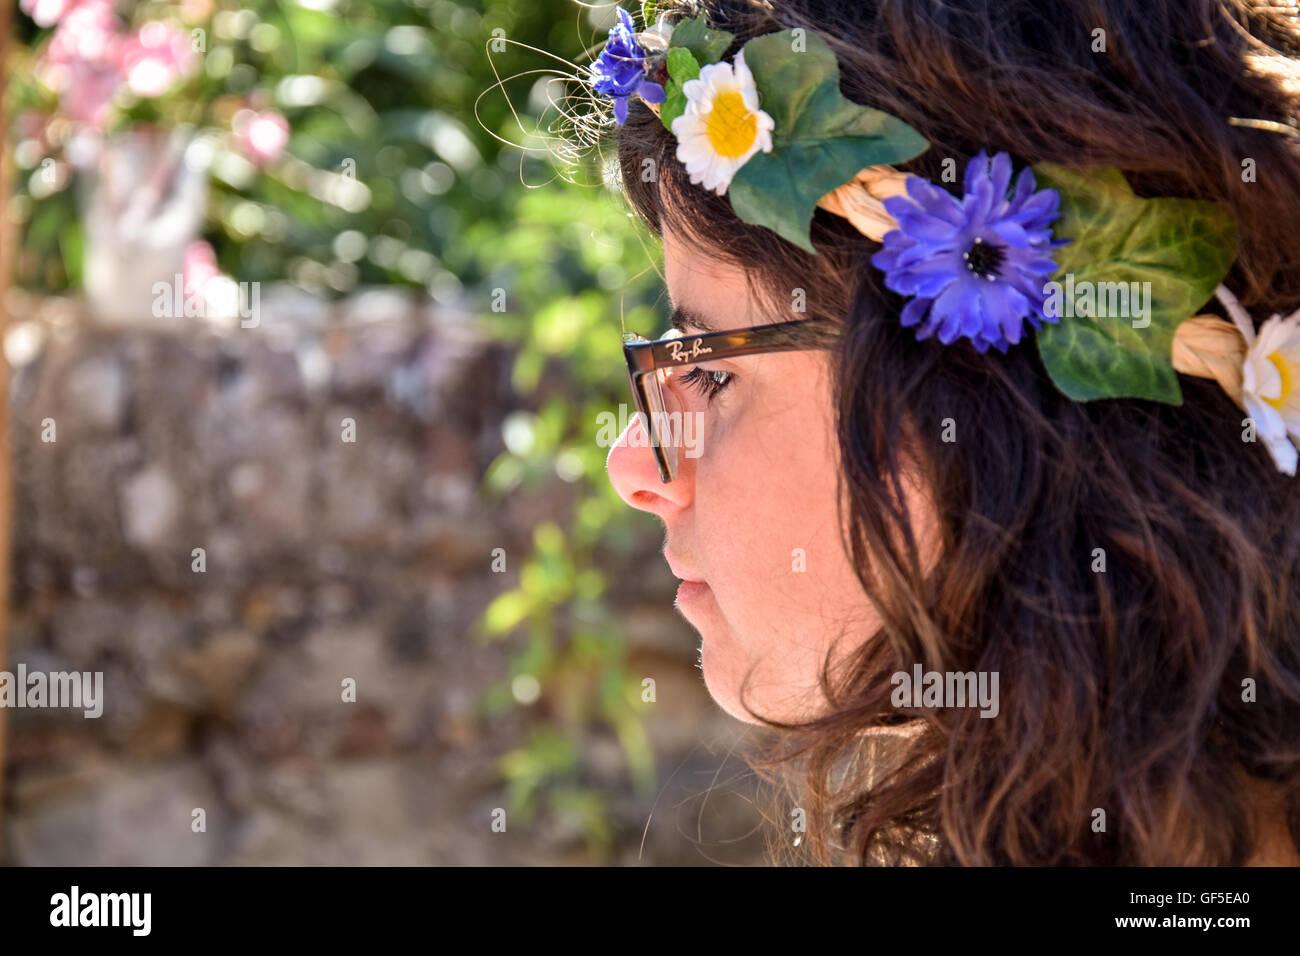 Mädchen mit einem Kranz von Blumen Stockbild